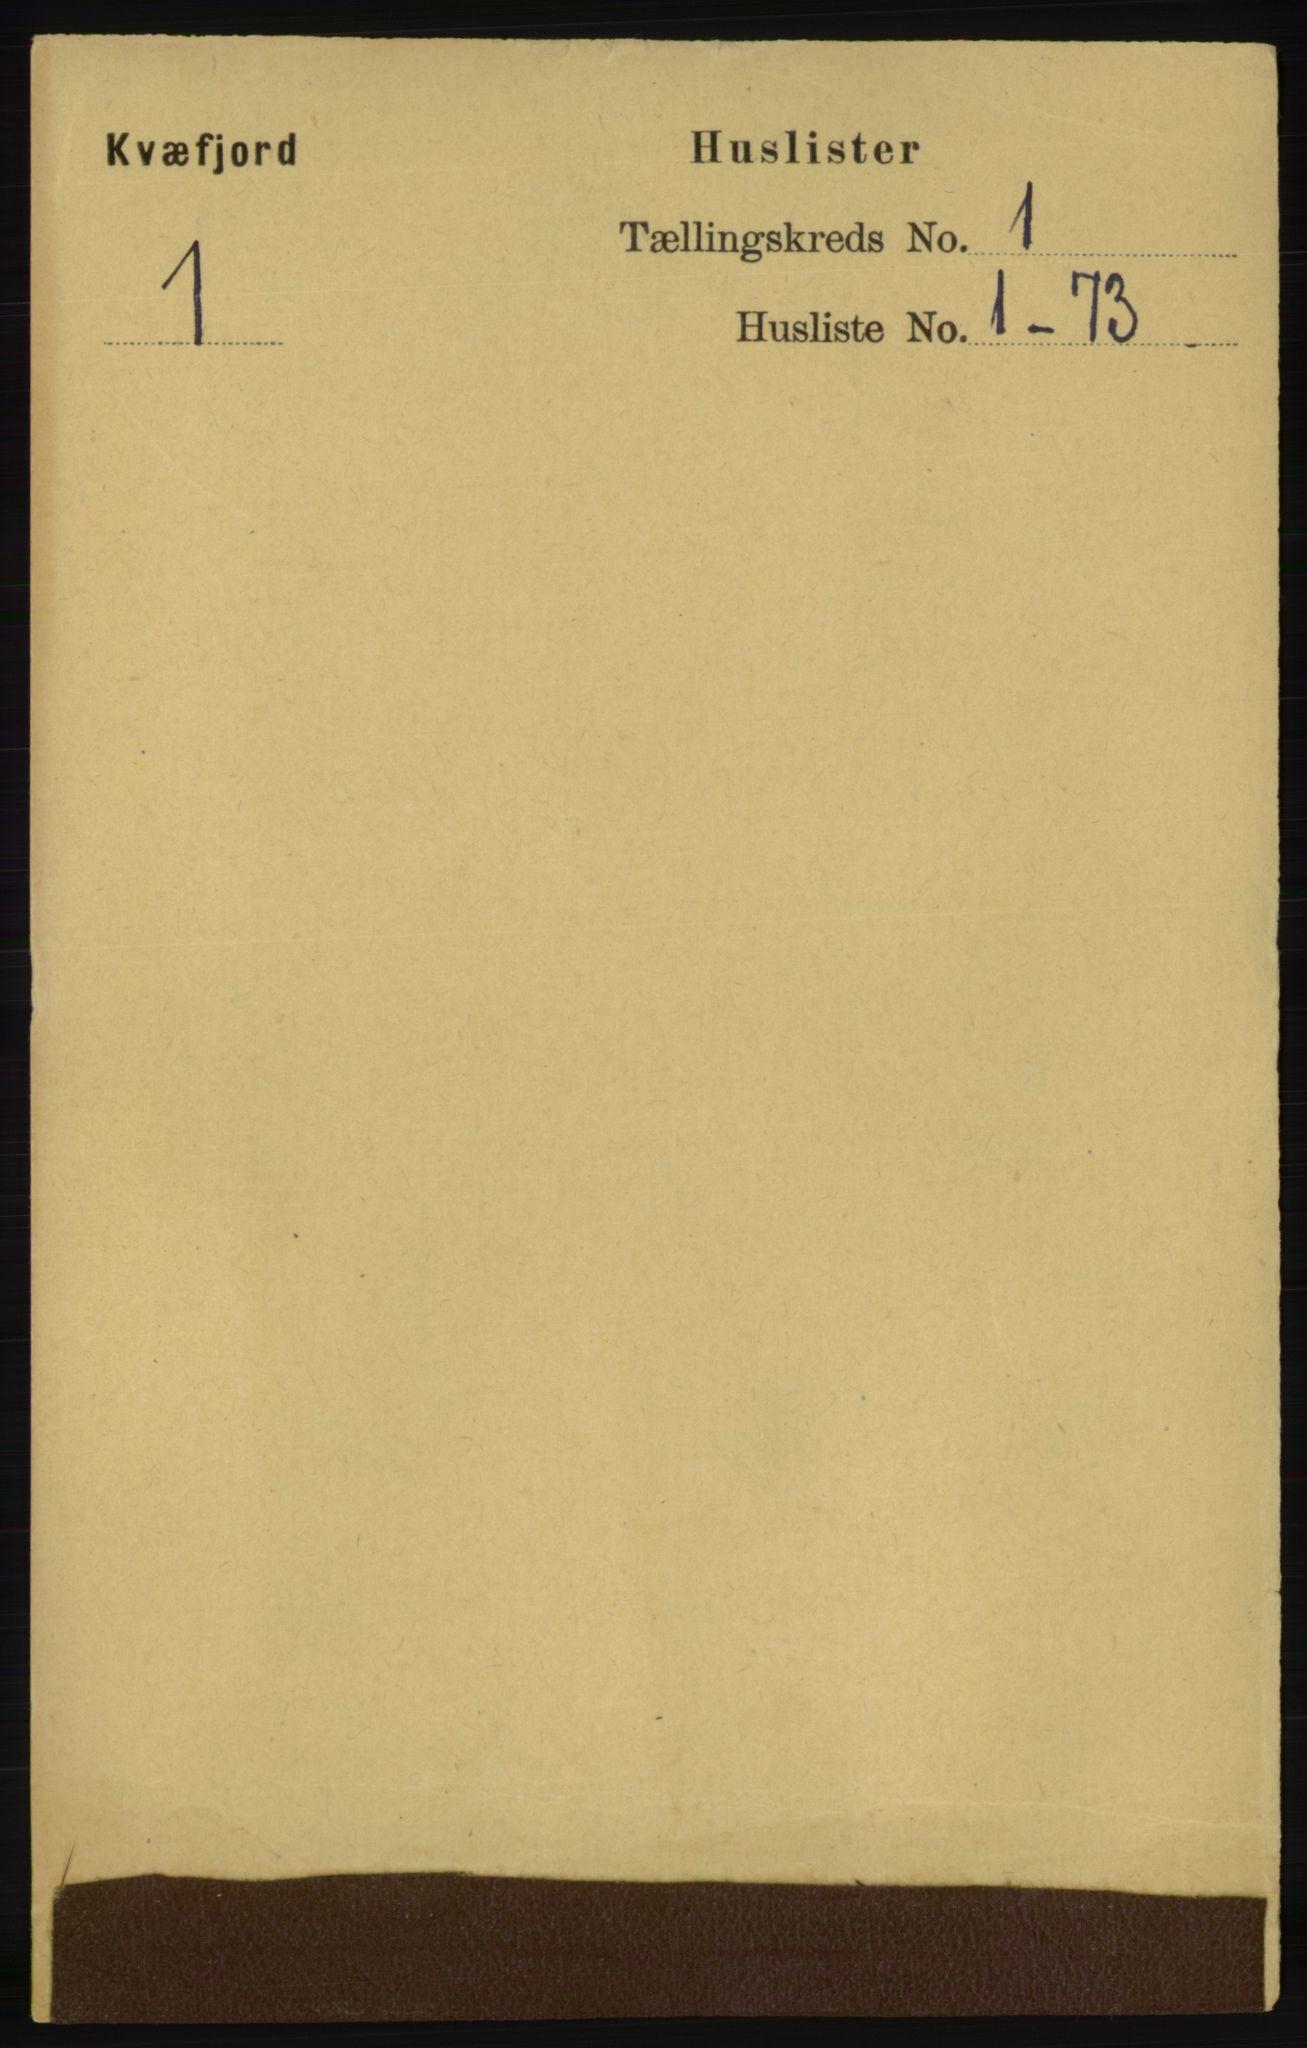 RA, Folketelling 1891 for 1911 Kvæfjord herred, 1891, s. 20